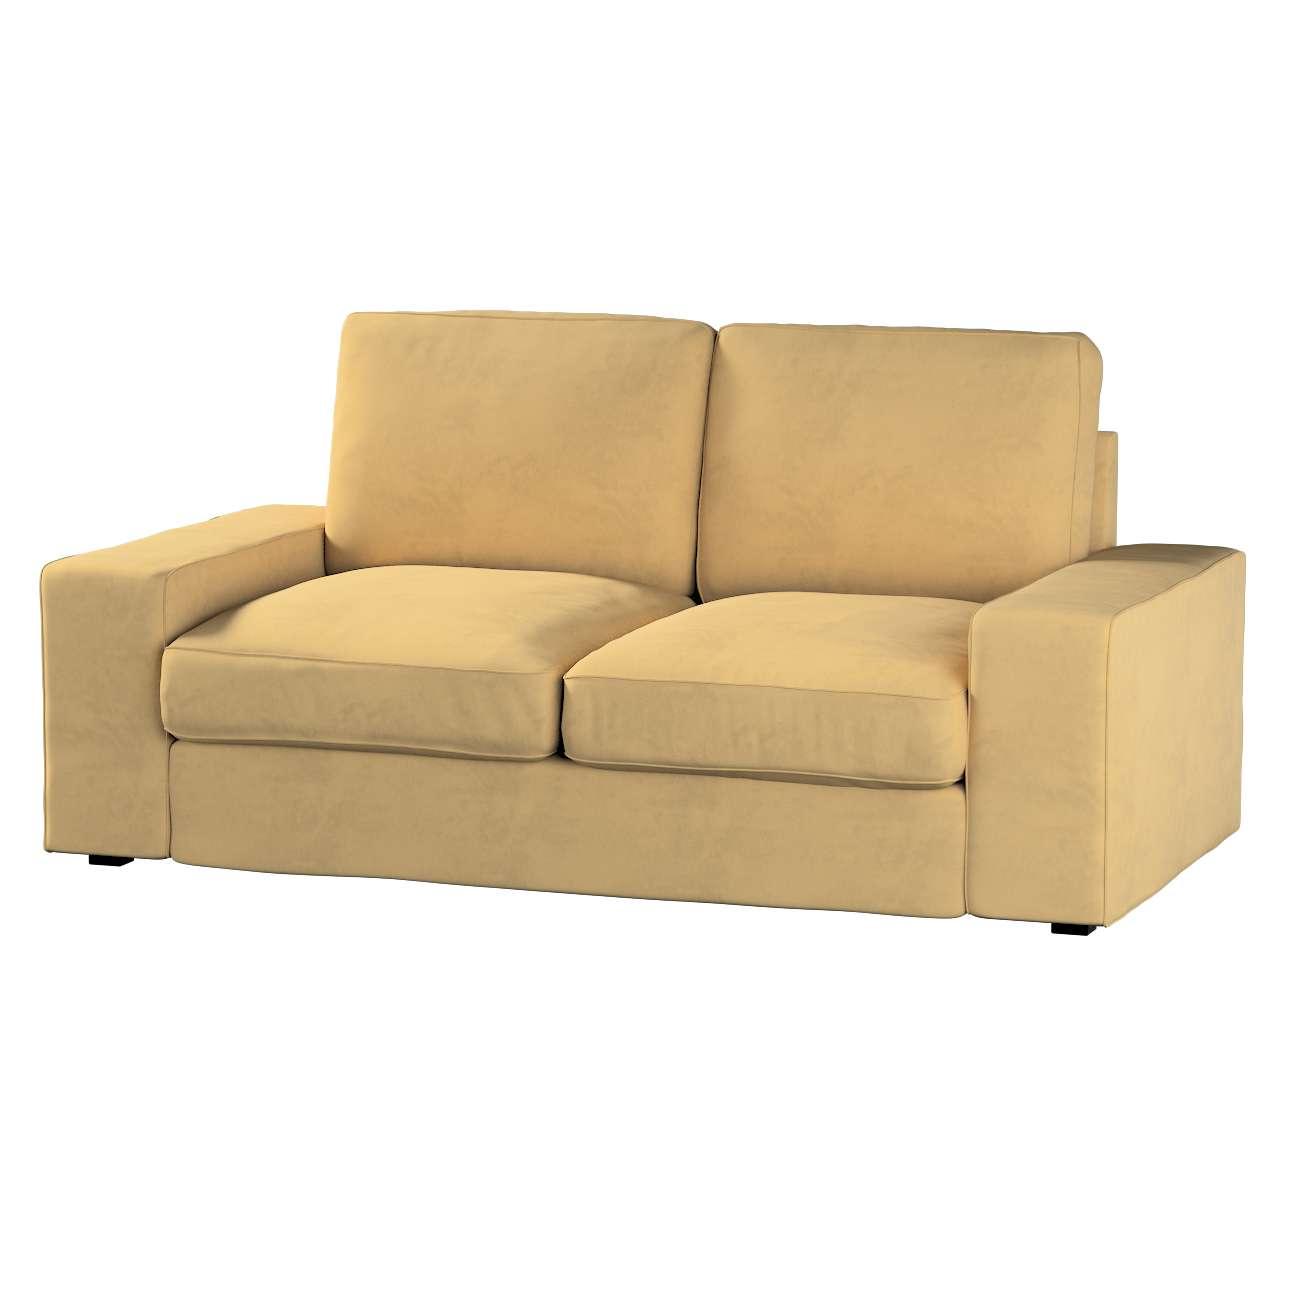 Pokrowiec na sofę Kivik 2-osobową, nierozkładaną w kolekcji Living, tkanina: 160-93